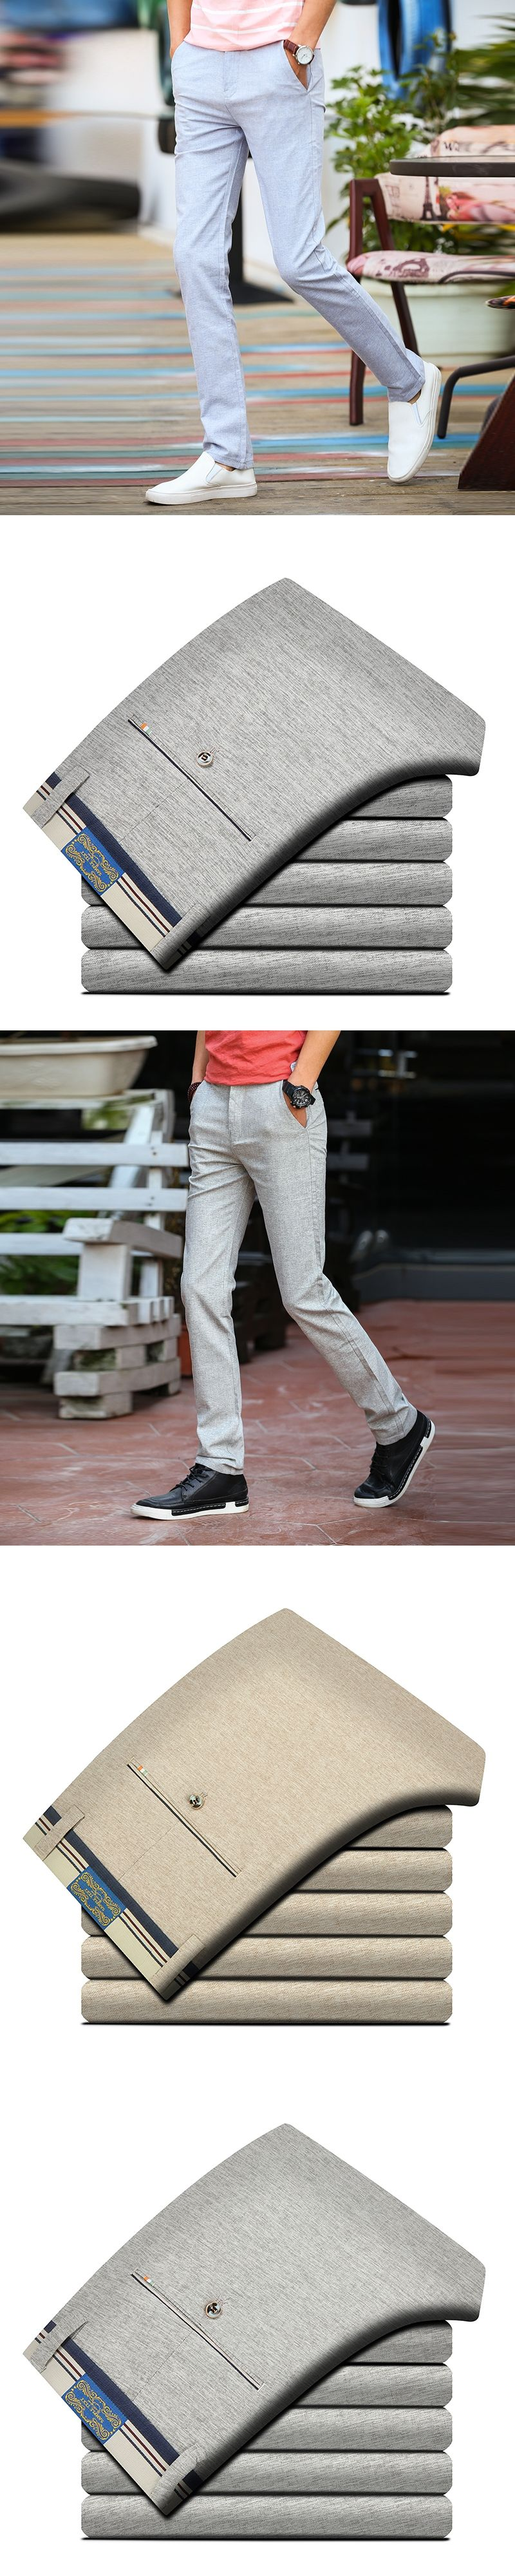 e0cd6c44c6f 2017 brand summer Men Casual linen pants Men slim fit Straight long pants  Men Comfortable cotton